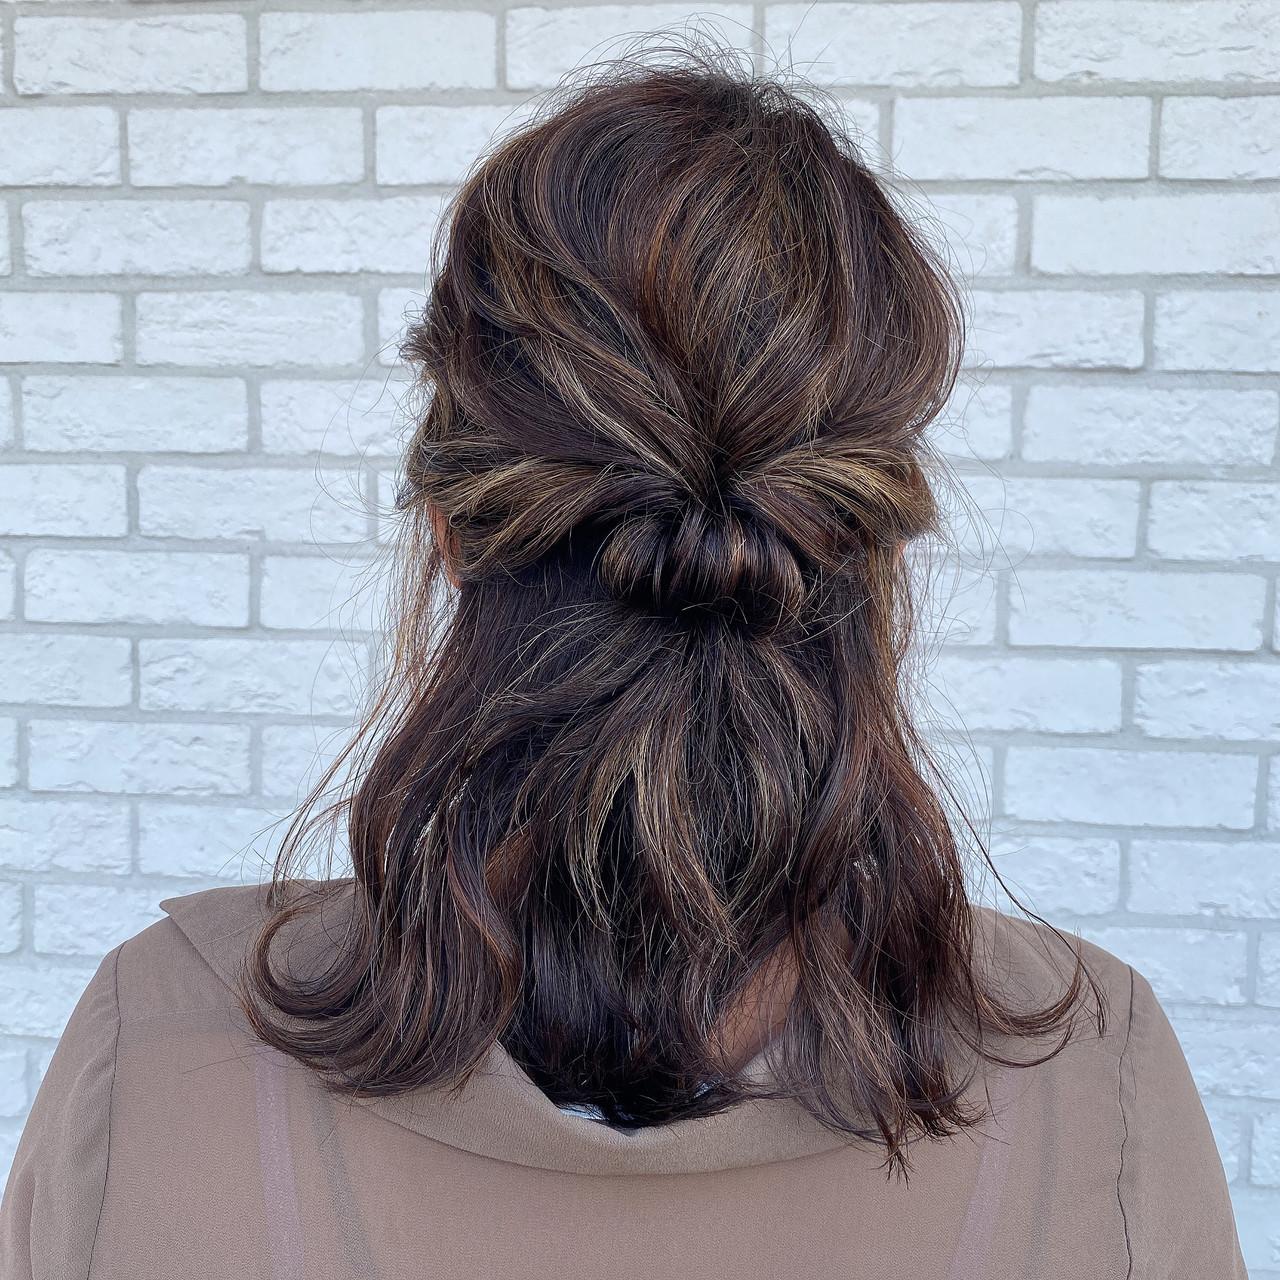 ハイライト ホワイトハイライト コントラストハイライト セミロングヘアスタイルや髪型の写真・画像